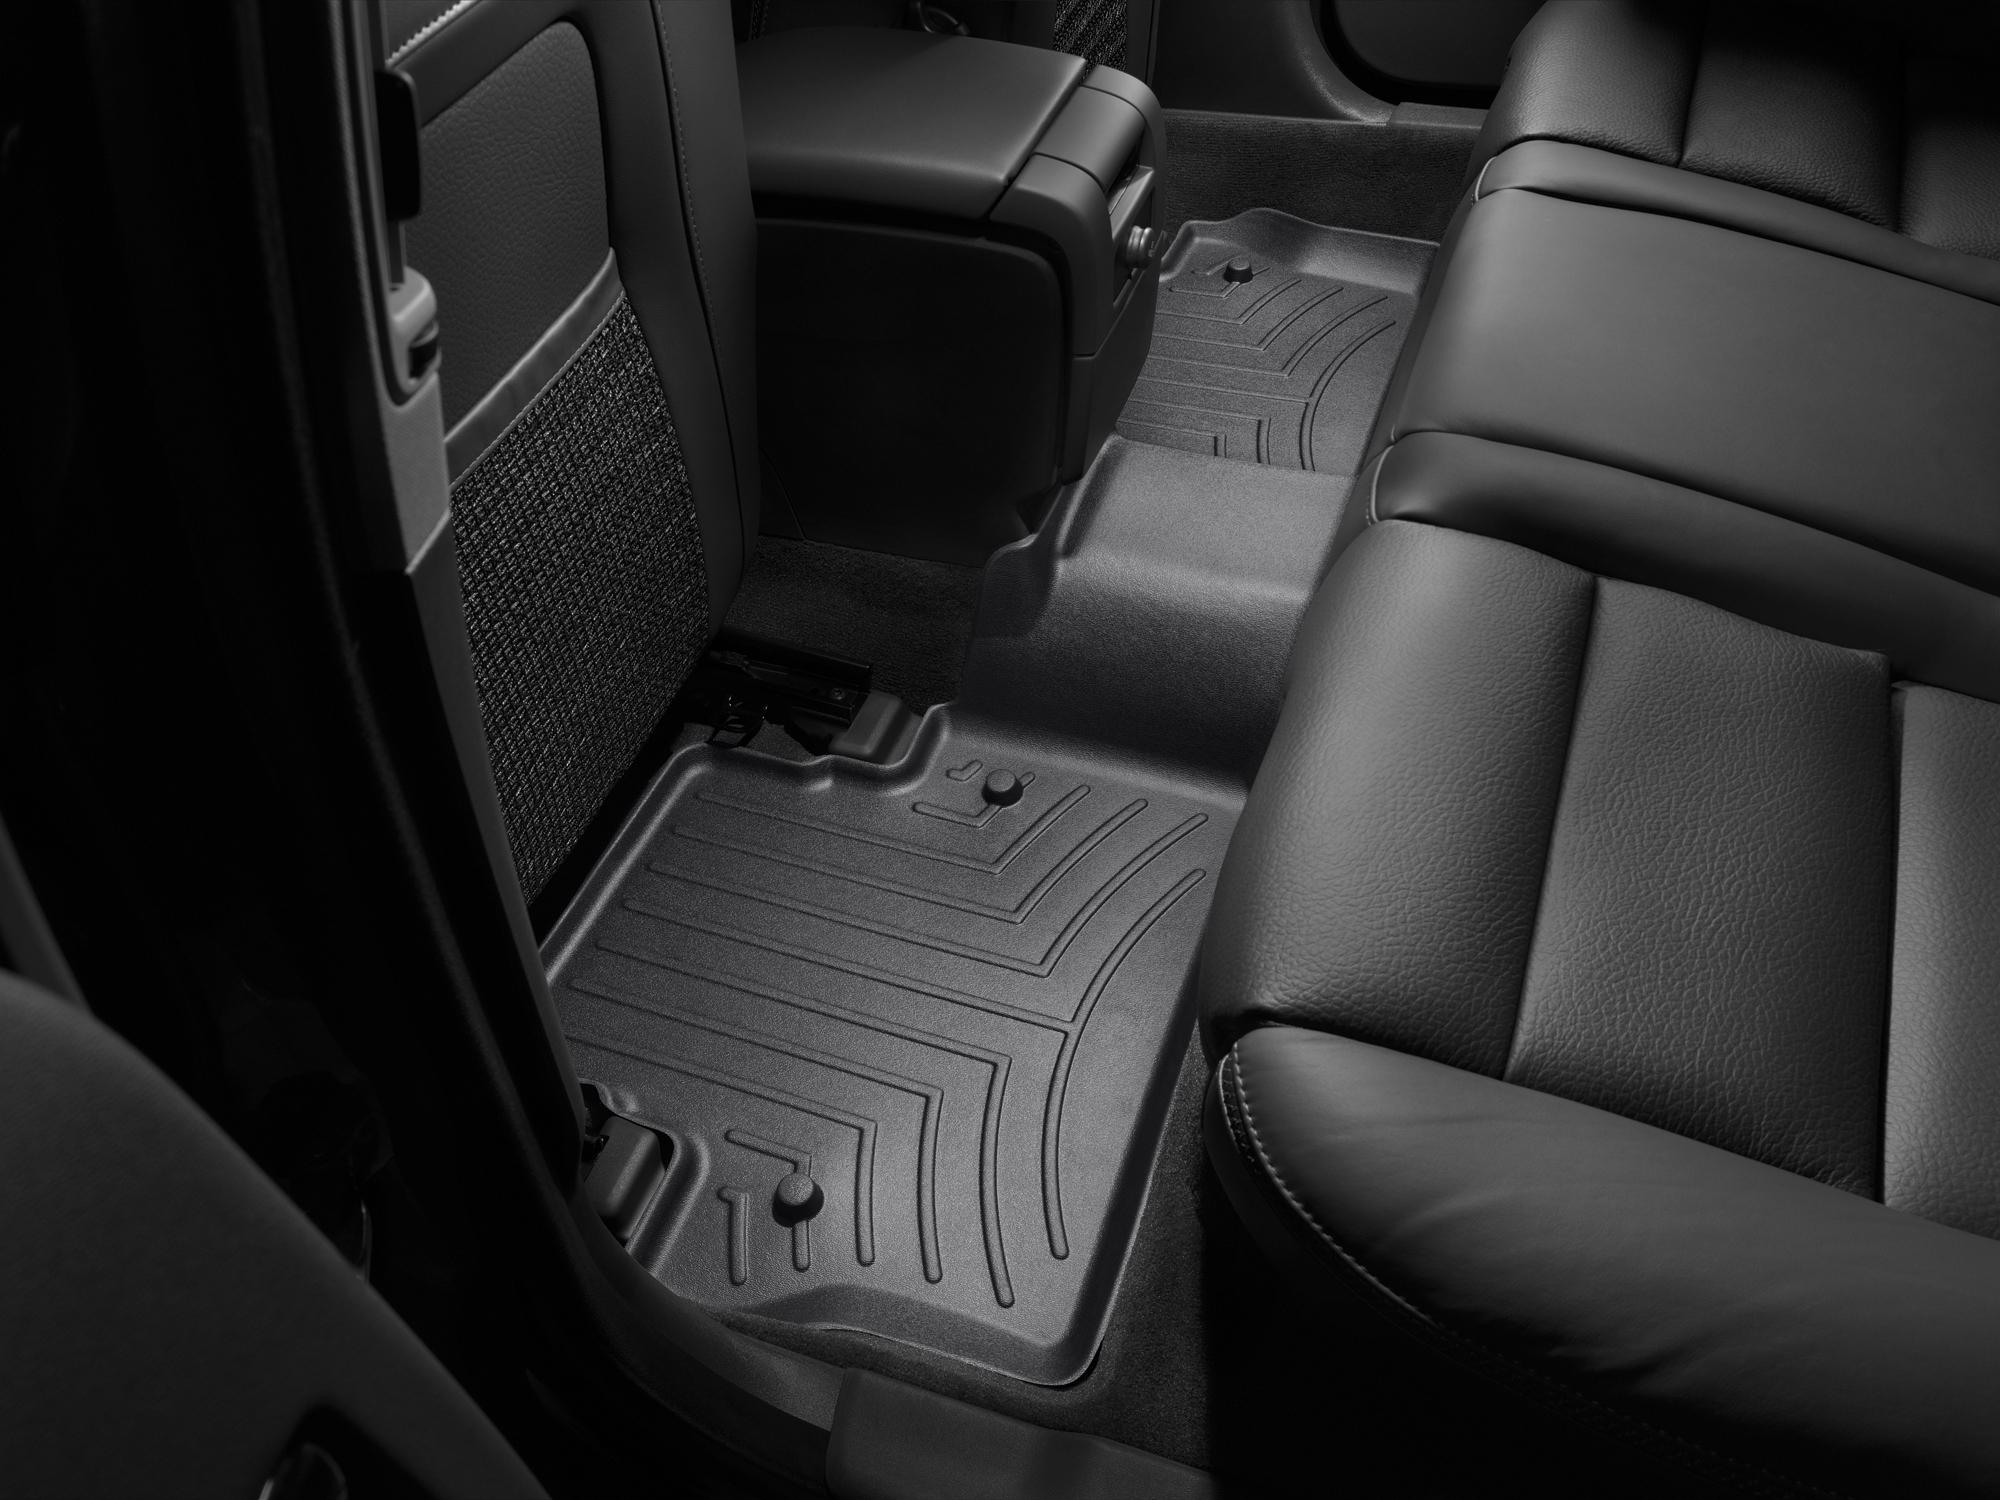 Tappeti gomma su misura bordo alto Volvo V70 08>17 Nero A4418*